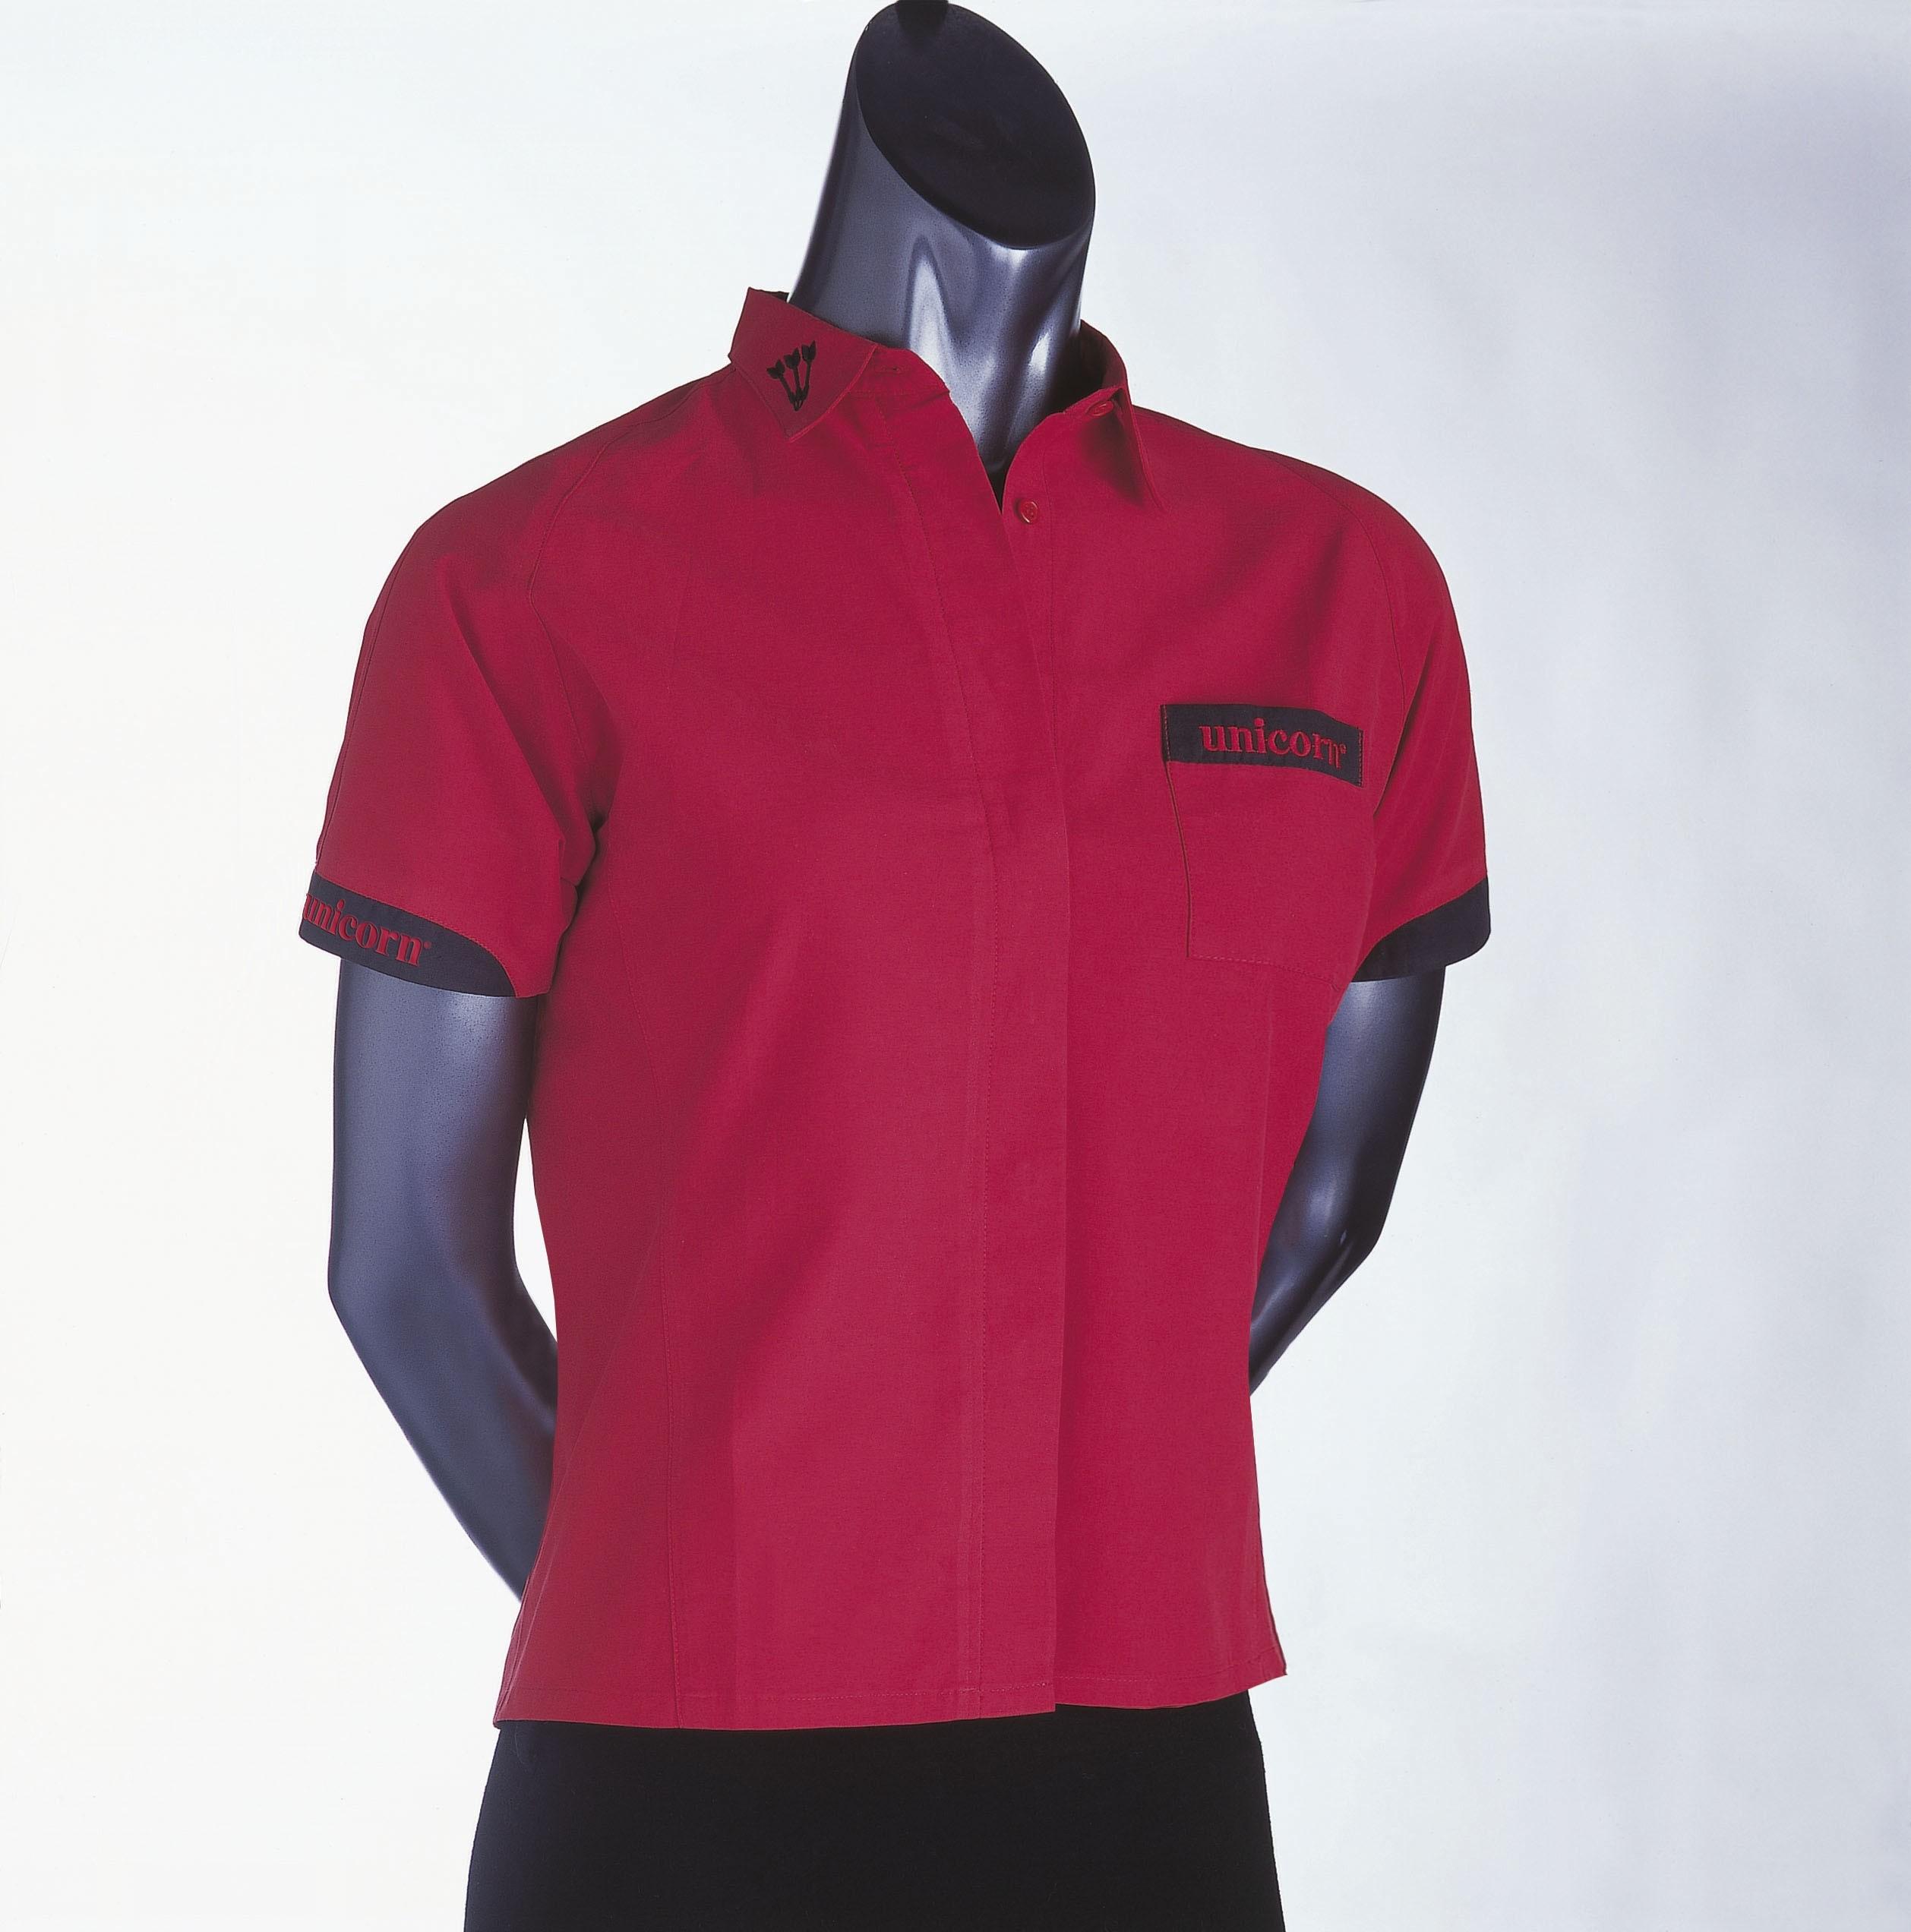 Teknik Ladies Dart Shirt Red - SAVE £24!